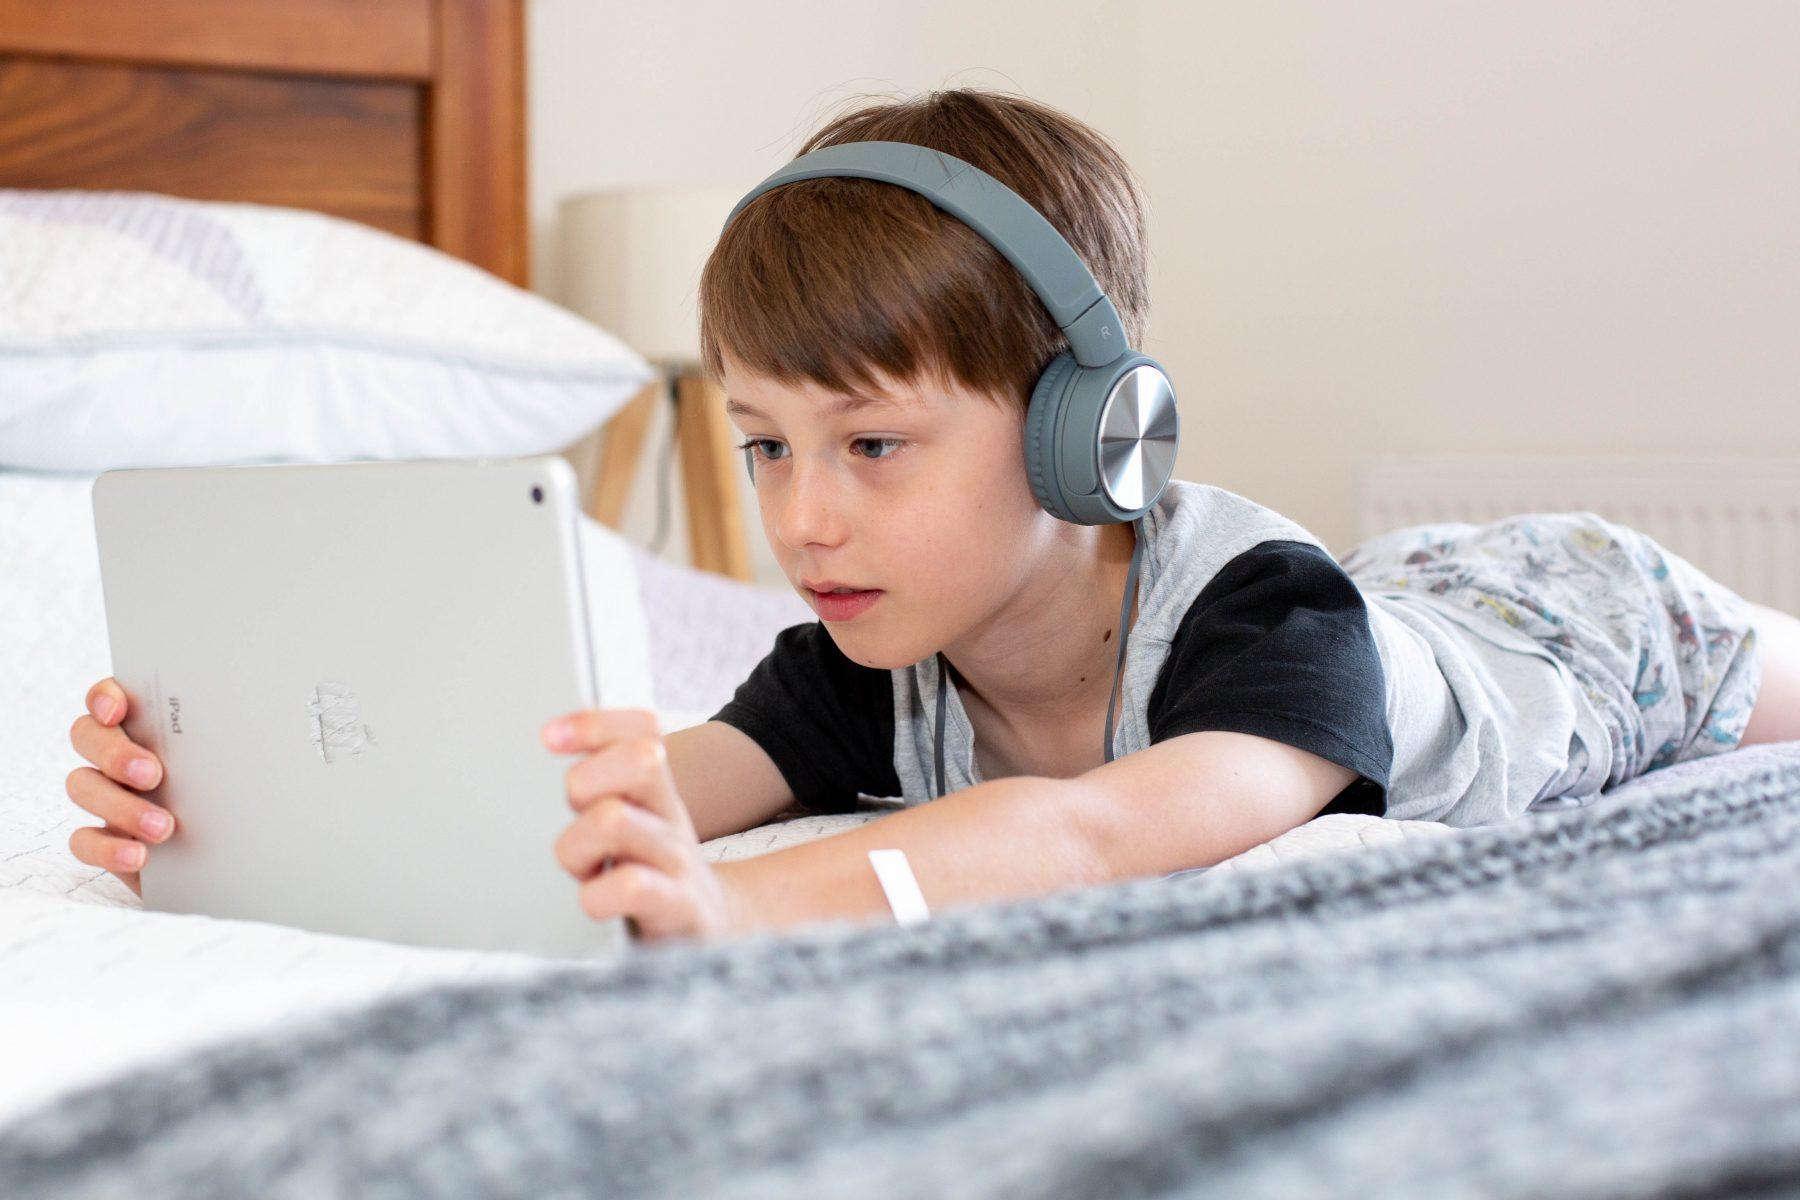 Toddler watching TV on iPad